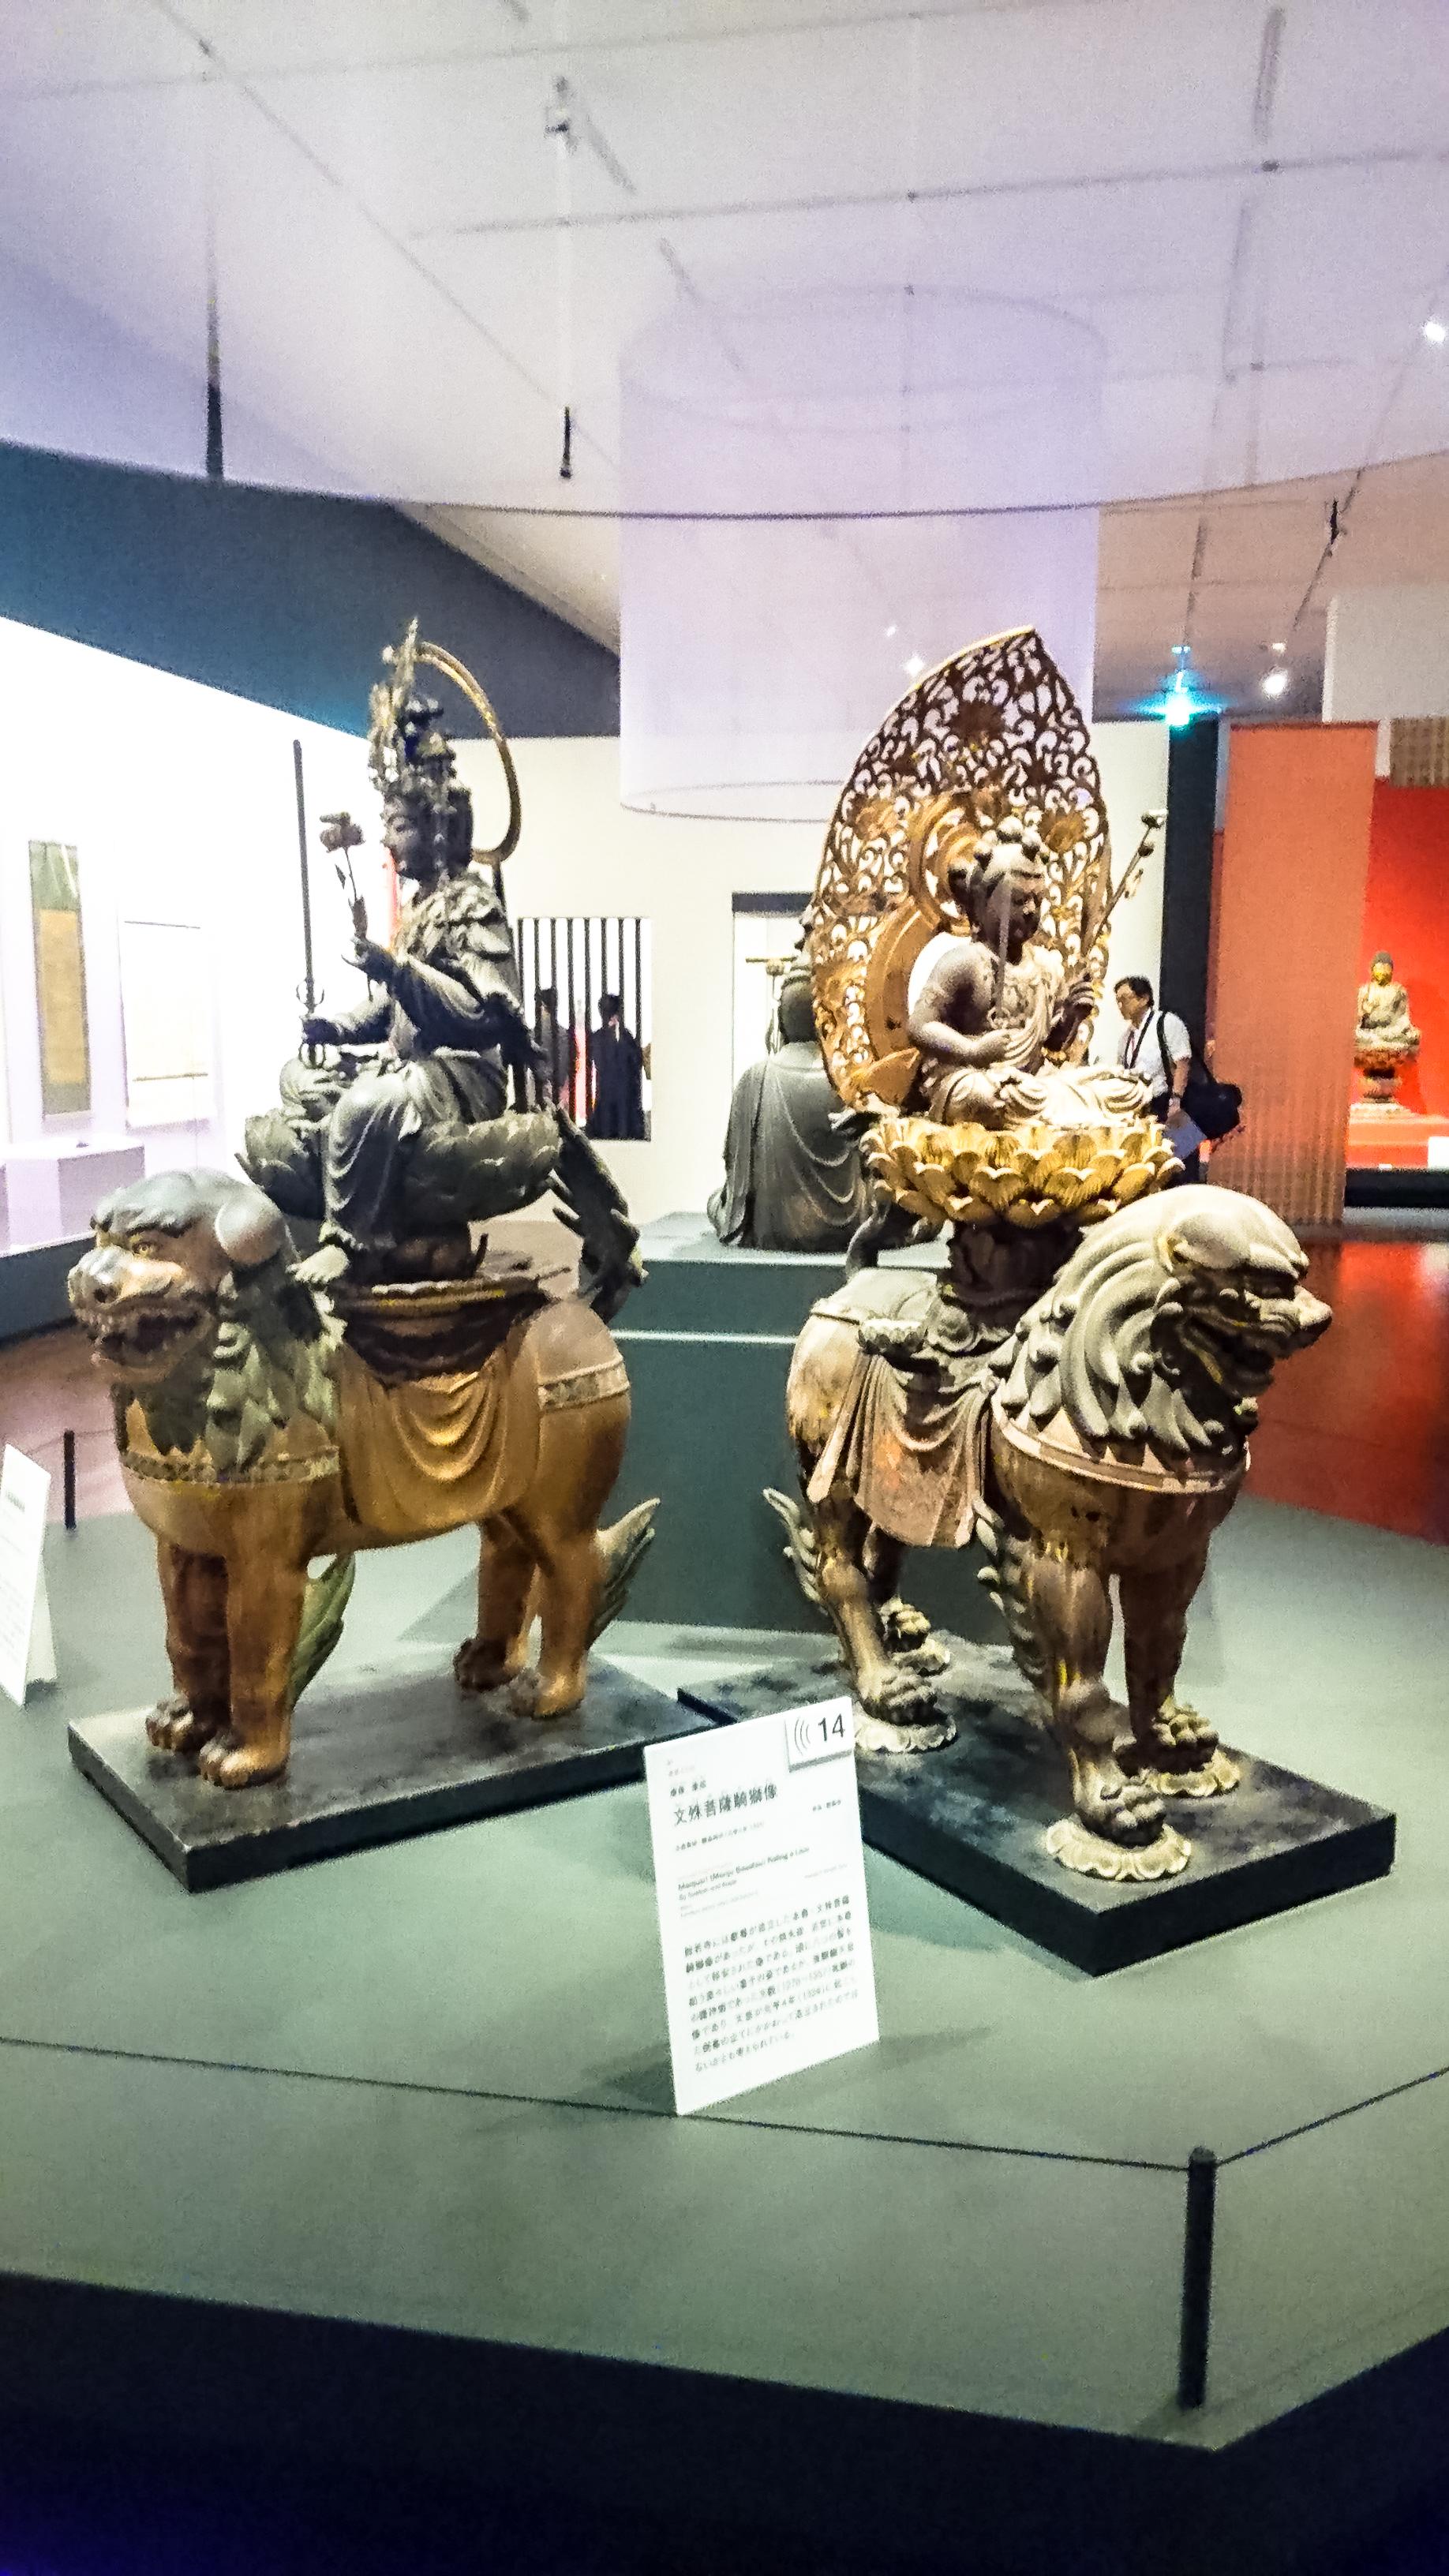 重要文化財《文殊菩薩騎獅像》(いずれも鎌倉時代、左が大智寺・右が般若寺所蔵)